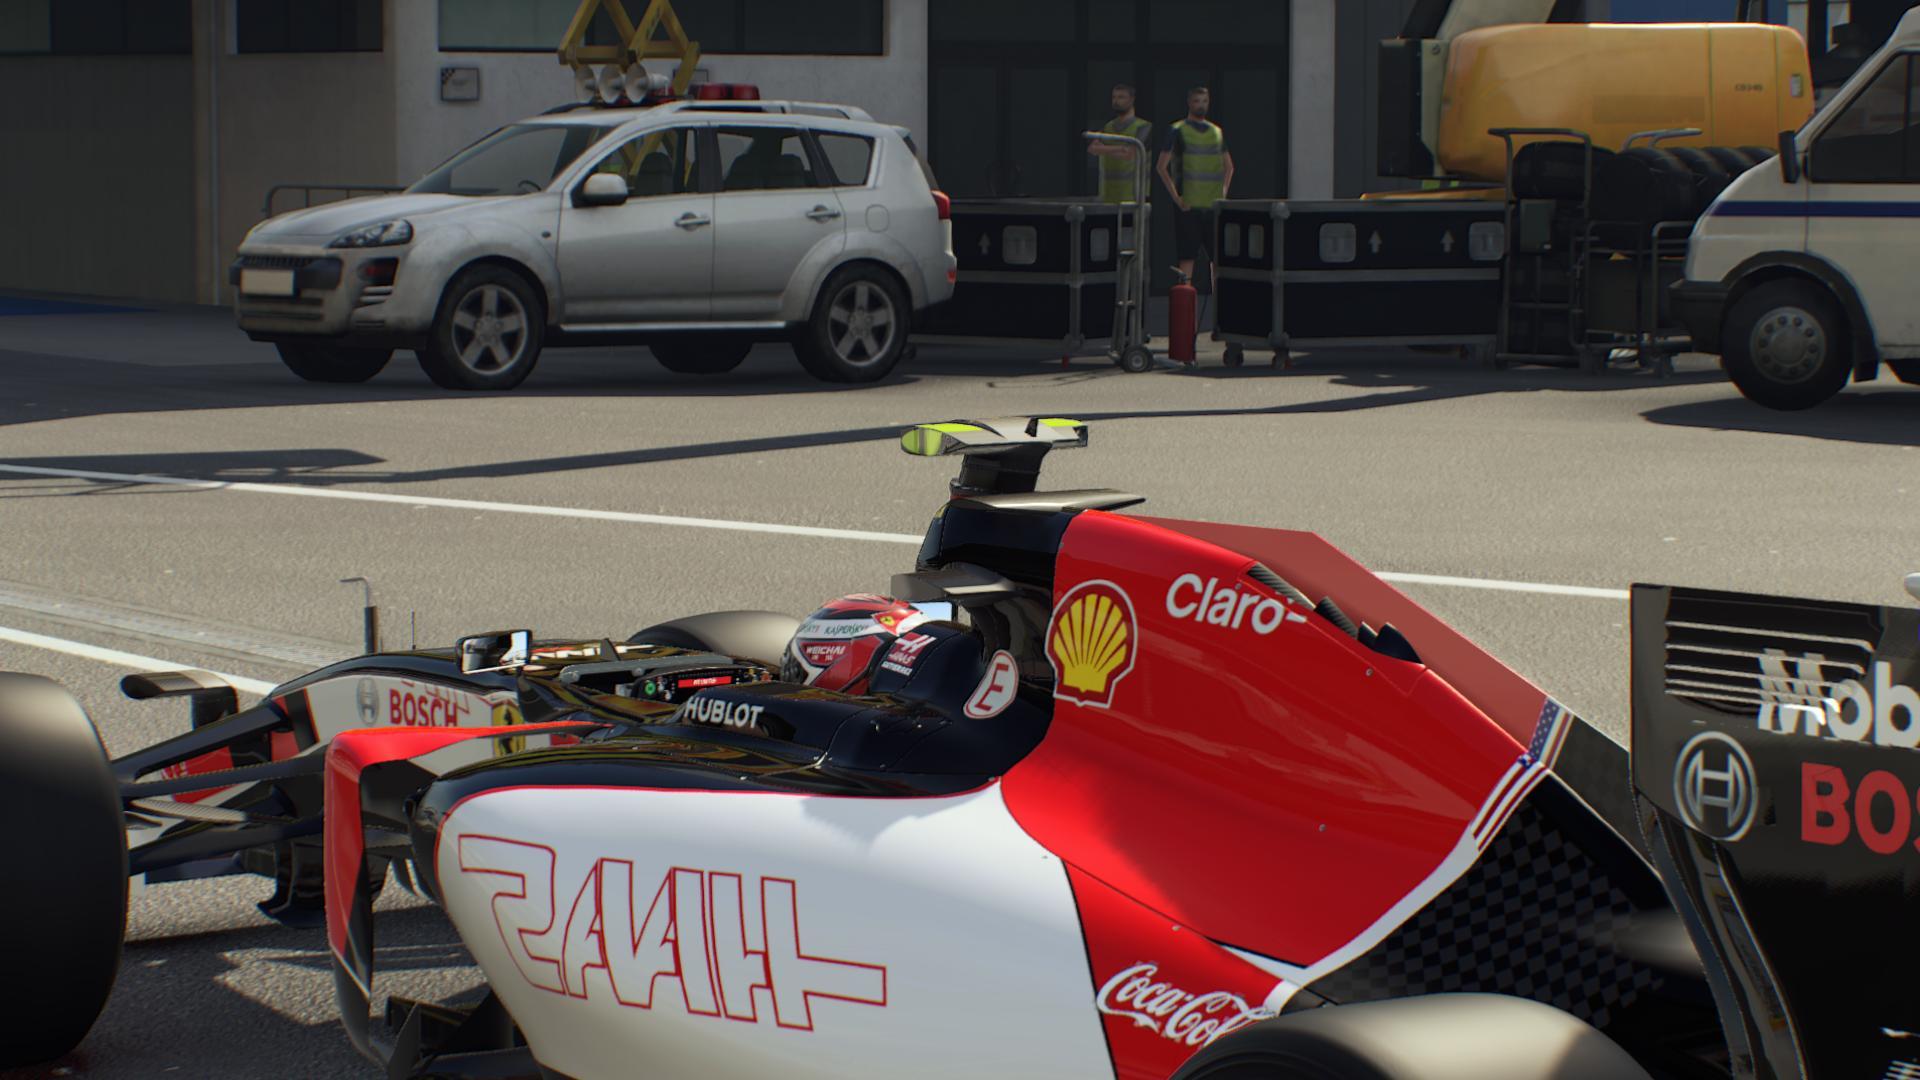 F1_2015 2015-11-21 16-20-35-18.jpg